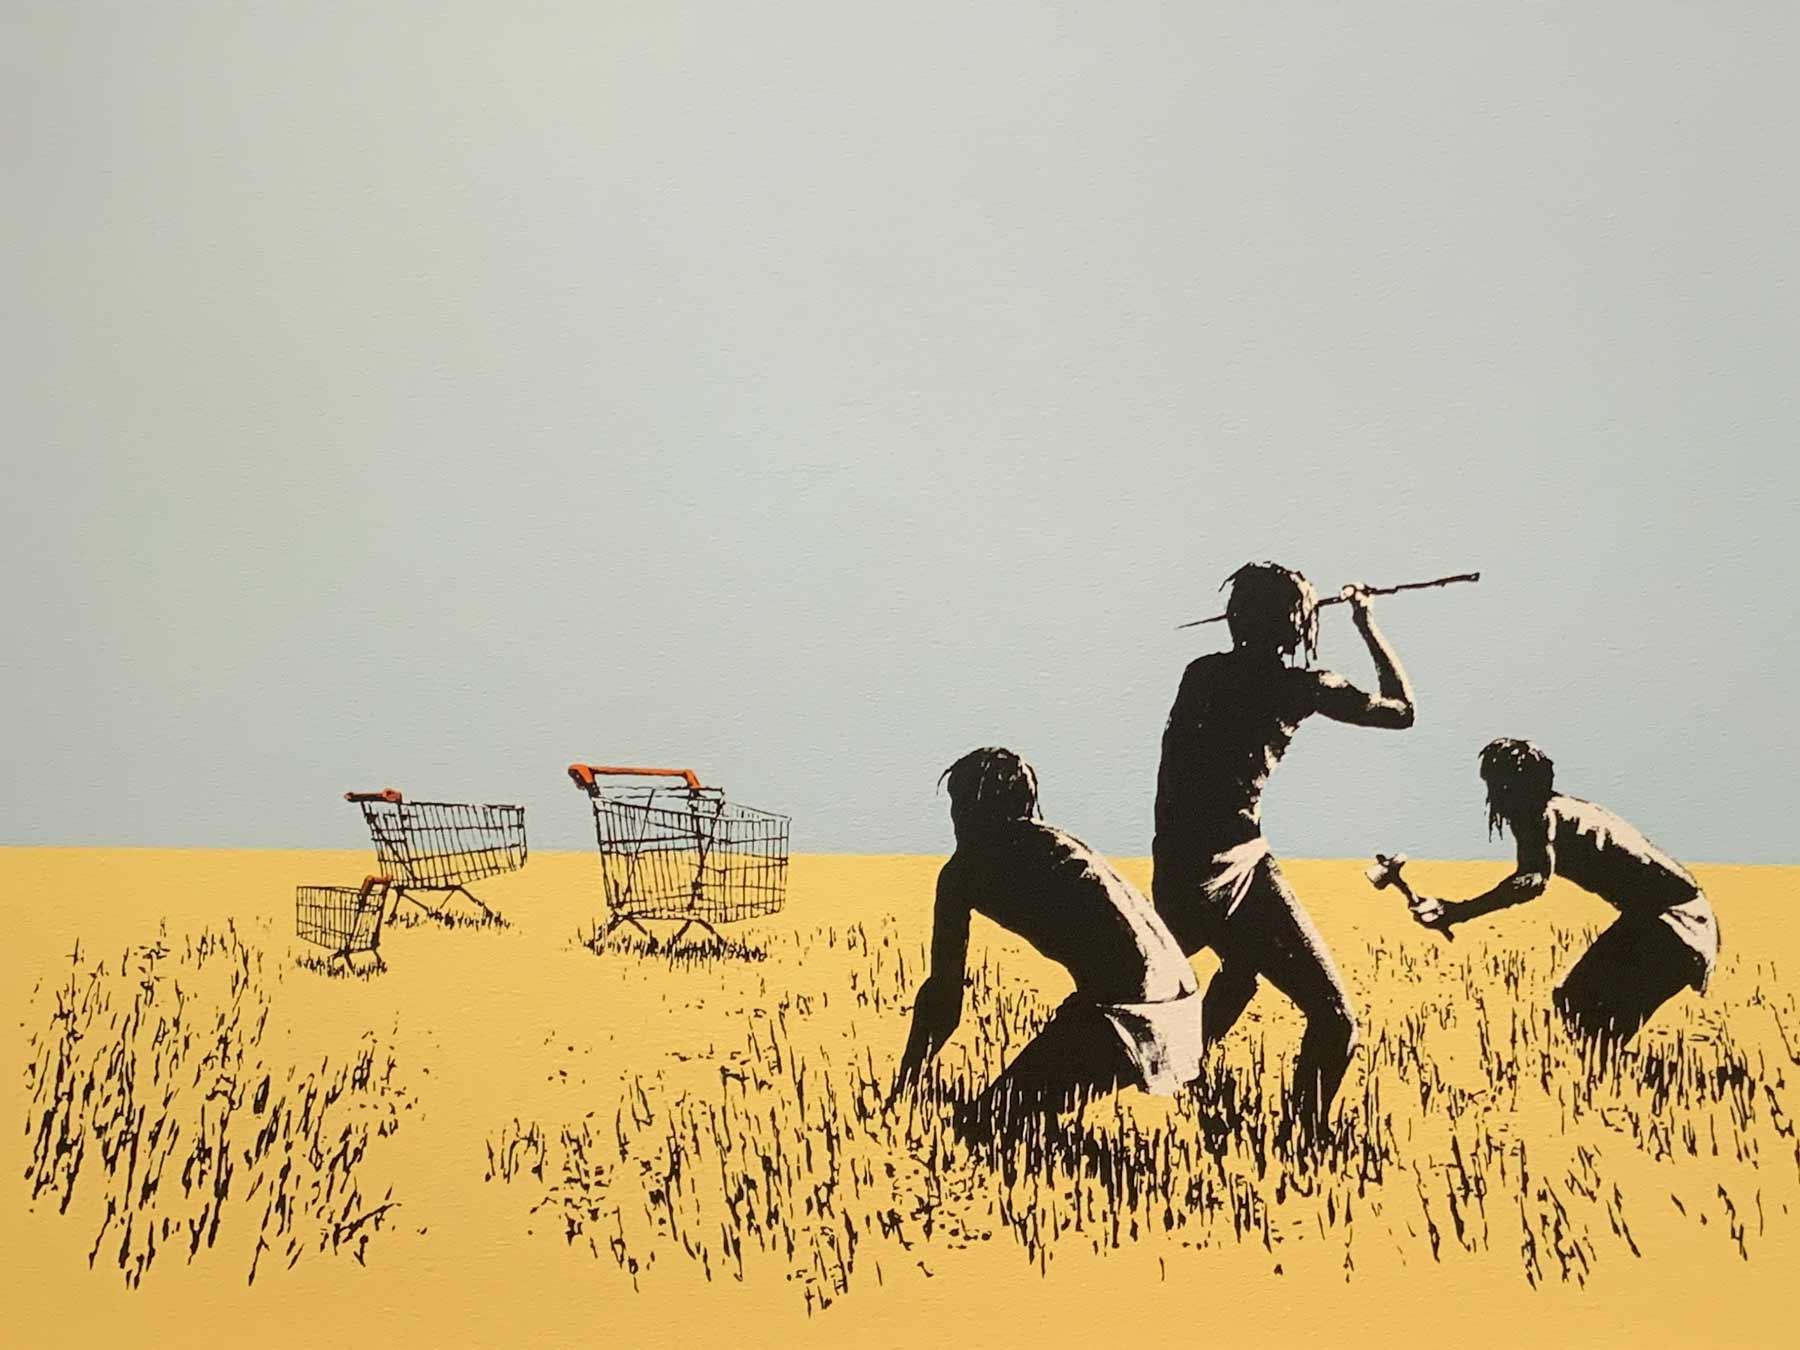 Graffiti mit Jagd auf leere Einkaufswagen